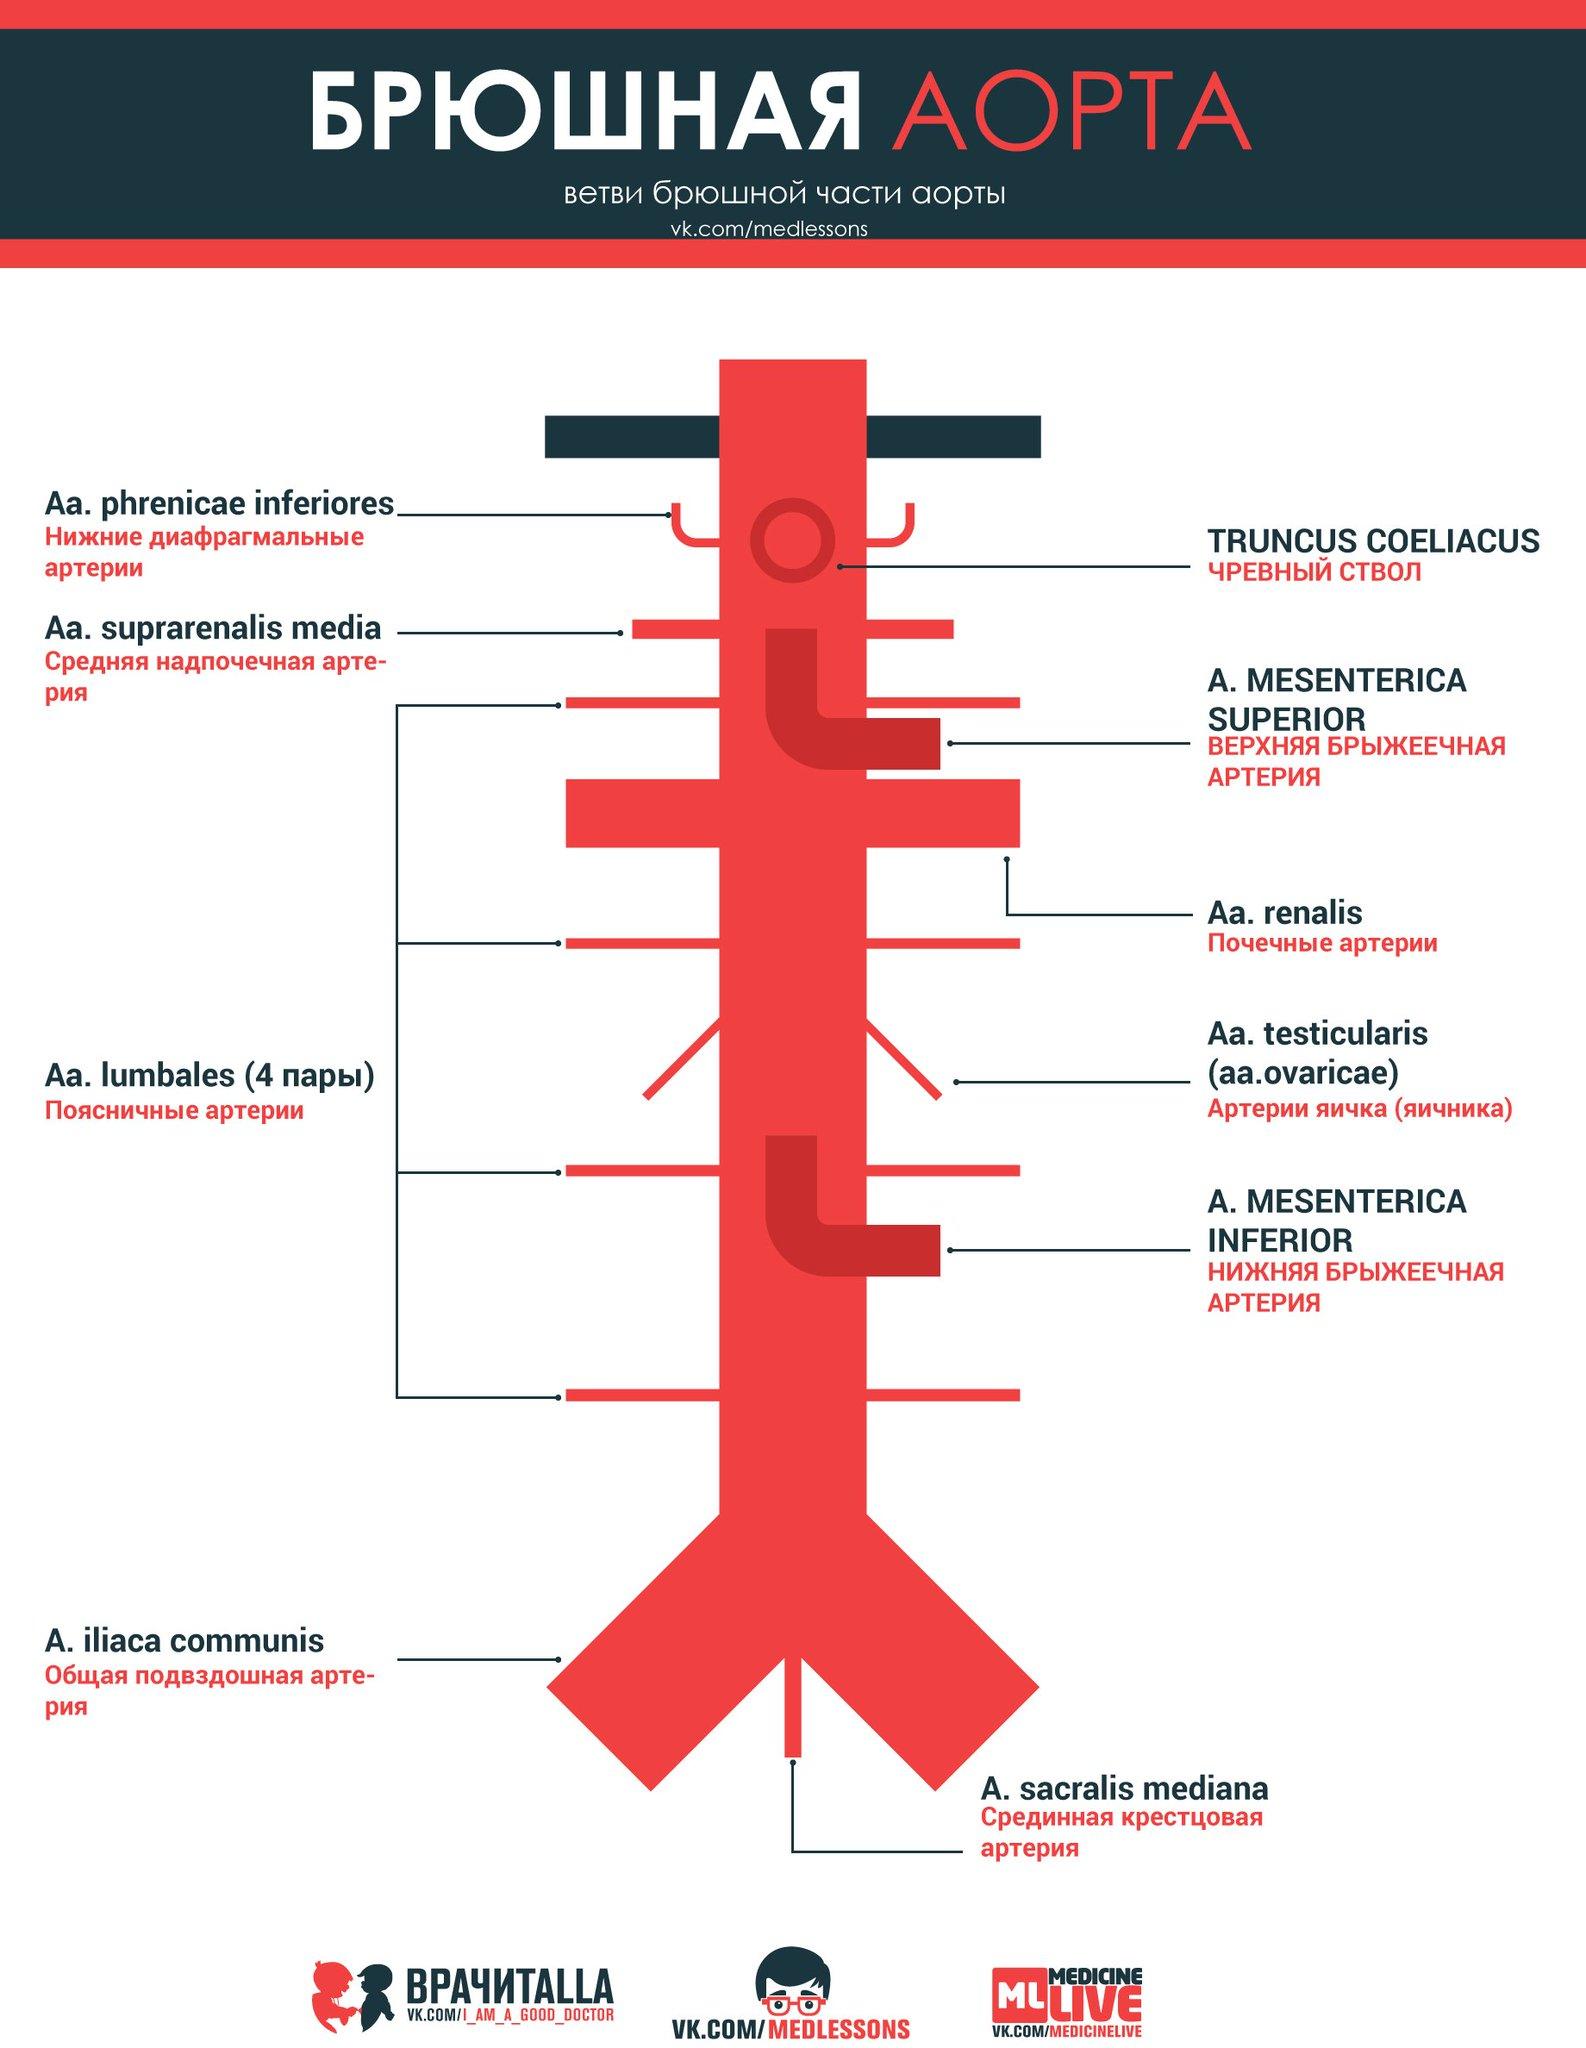 Аорта и ее ветви анатомия схема